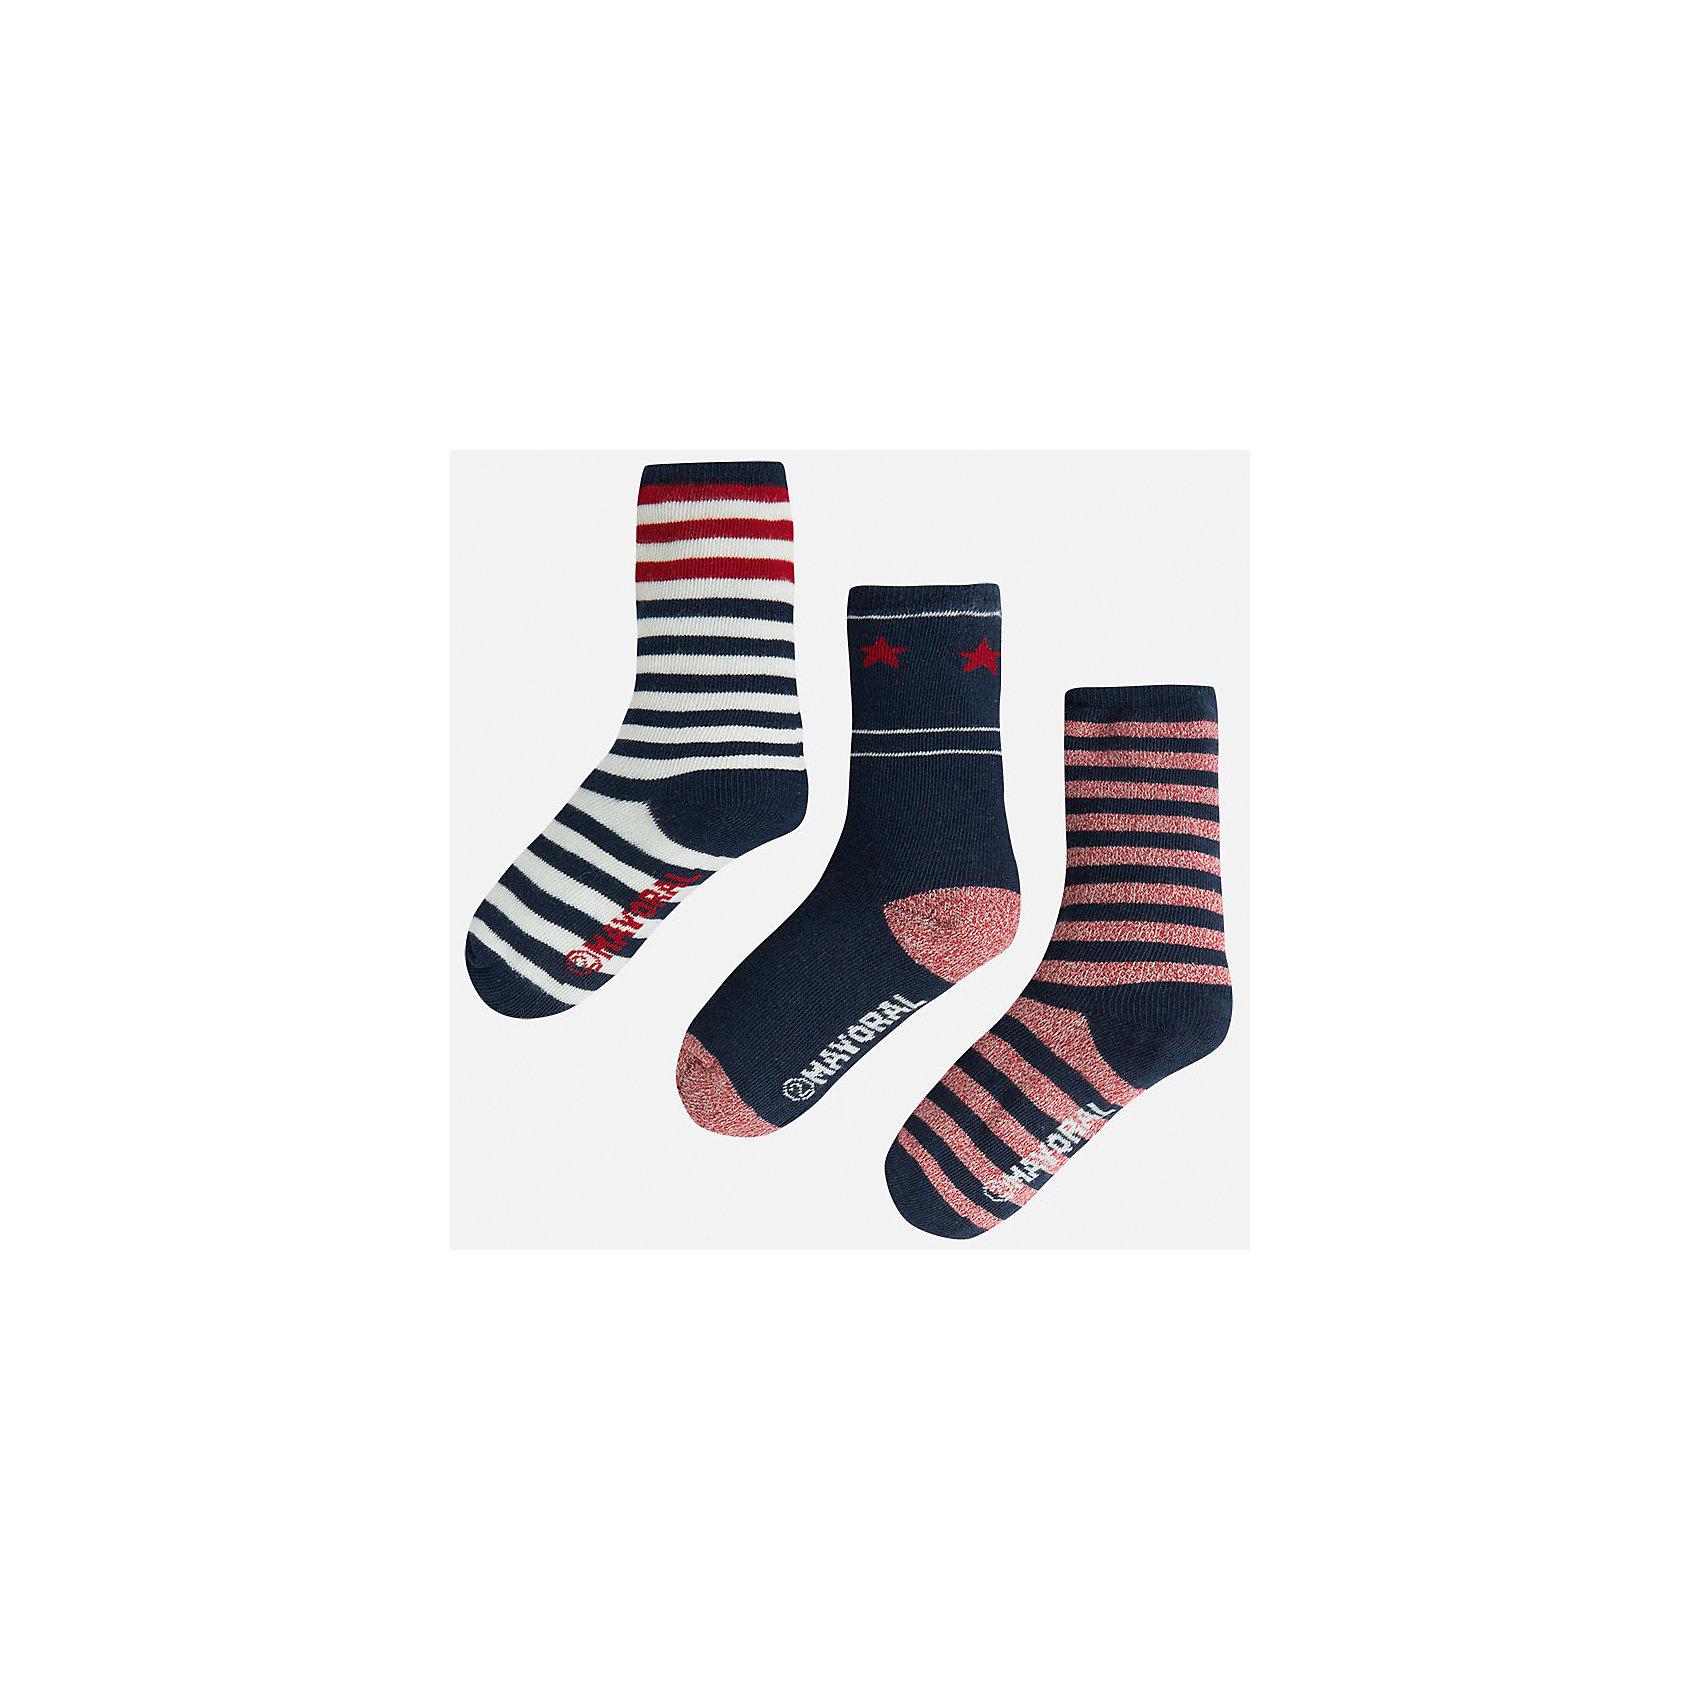 Носки для мальчика, 3 парыНоски<br>Комплект из 3 пар носков для мальчика от известного испанского бренда Mayoral. Носки выполнены из качественных дышащих материалов. Каждая пара имеет отдельную расцветку. Классические носки в полоску идеально подойдут к гардеробу вашего ребенка.<br>Дополнительная информация:<br>-цвет: черный с красными, белыми и светло-красными полосками<br>-состав: 72% хлопок, 25% полиамид, 3% эластан<br>Комплект носков Mayoral вы можете приобрести в нашем интернет-магазине<br><br>Ширина мм: 87<br>Глубина мм: 10<br>Высота мм: 105<br>Вес г: 115<br>Цвет: бордовый<br>Возраст от месяцев: 84<br>Возраст до месяцев: 96<br>Пол: Мужской<br>Возраст: Детский<br>Размер: 8,6,4<br>SKU: 4820129